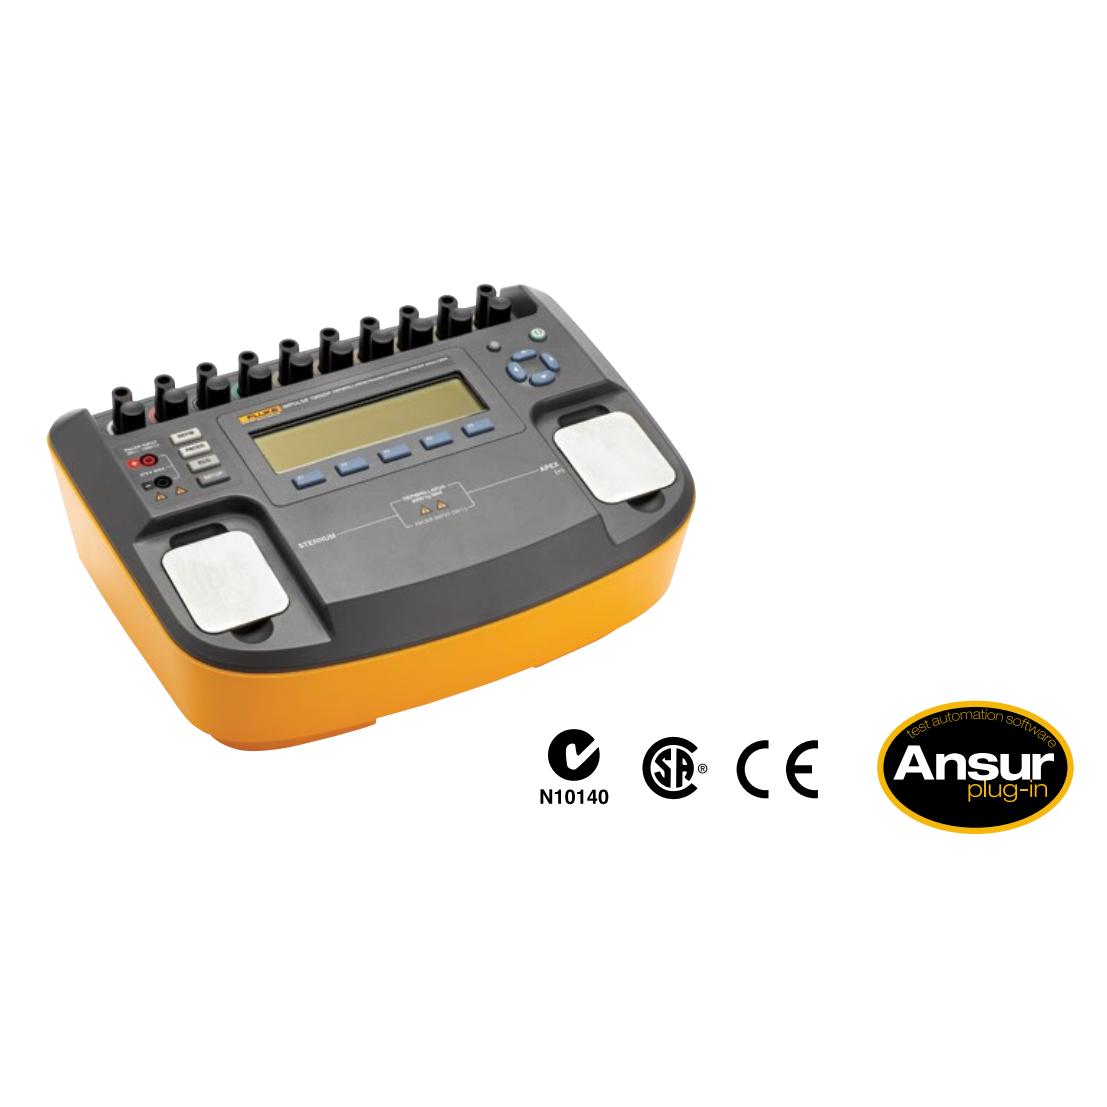 Impulse 6000D/7000DP除颤器/经皮起搏器分析仪